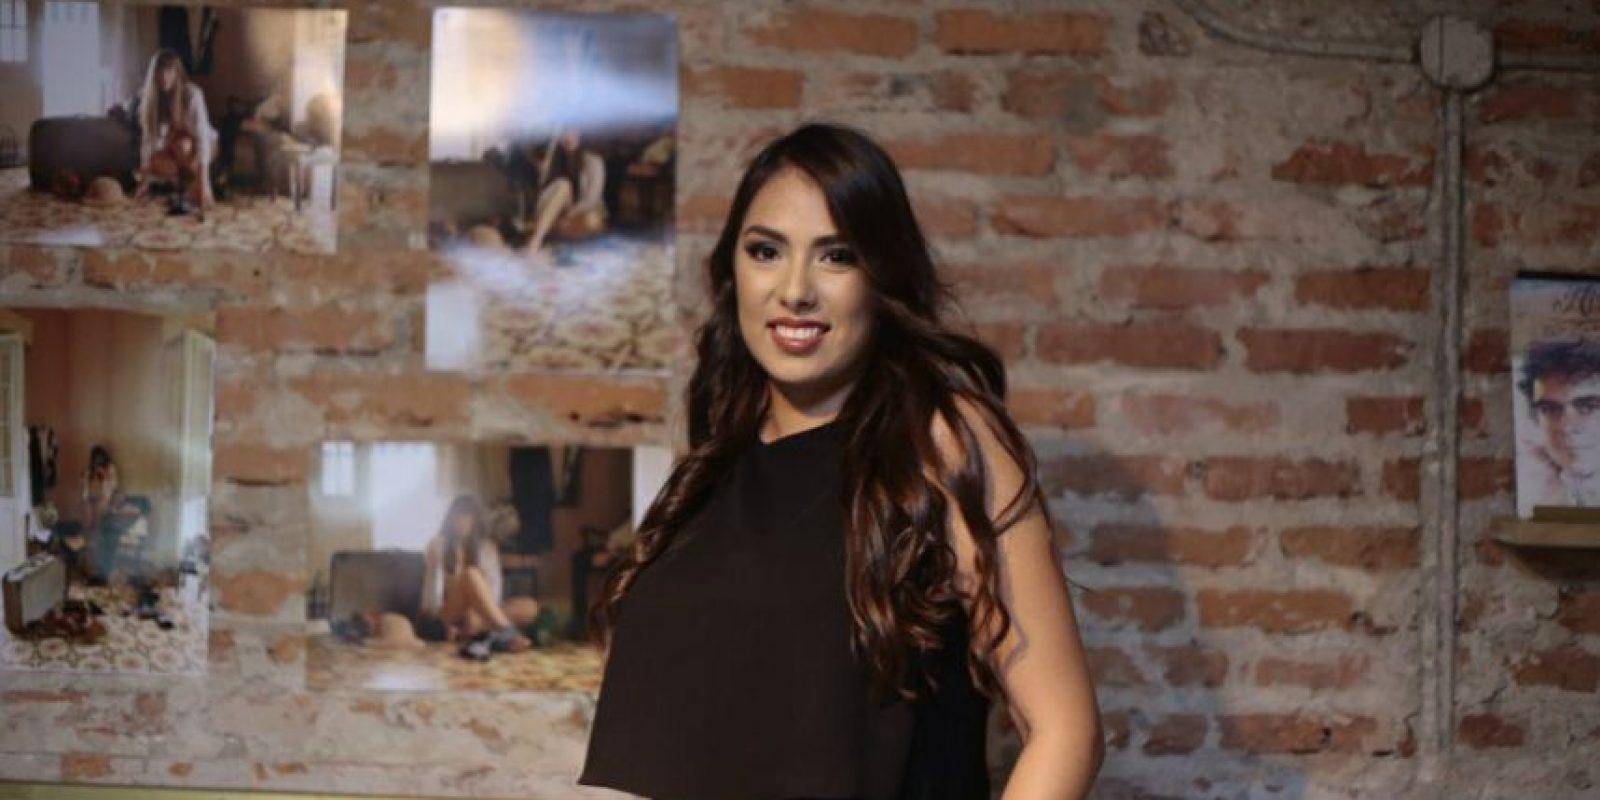 Daniella de Biase, la expositora de fotografías de Prado Rosa. Elementos que no se habían publicado desde el 2011, se dan a conocer en el Indie Week. Foto:Valerie Amor